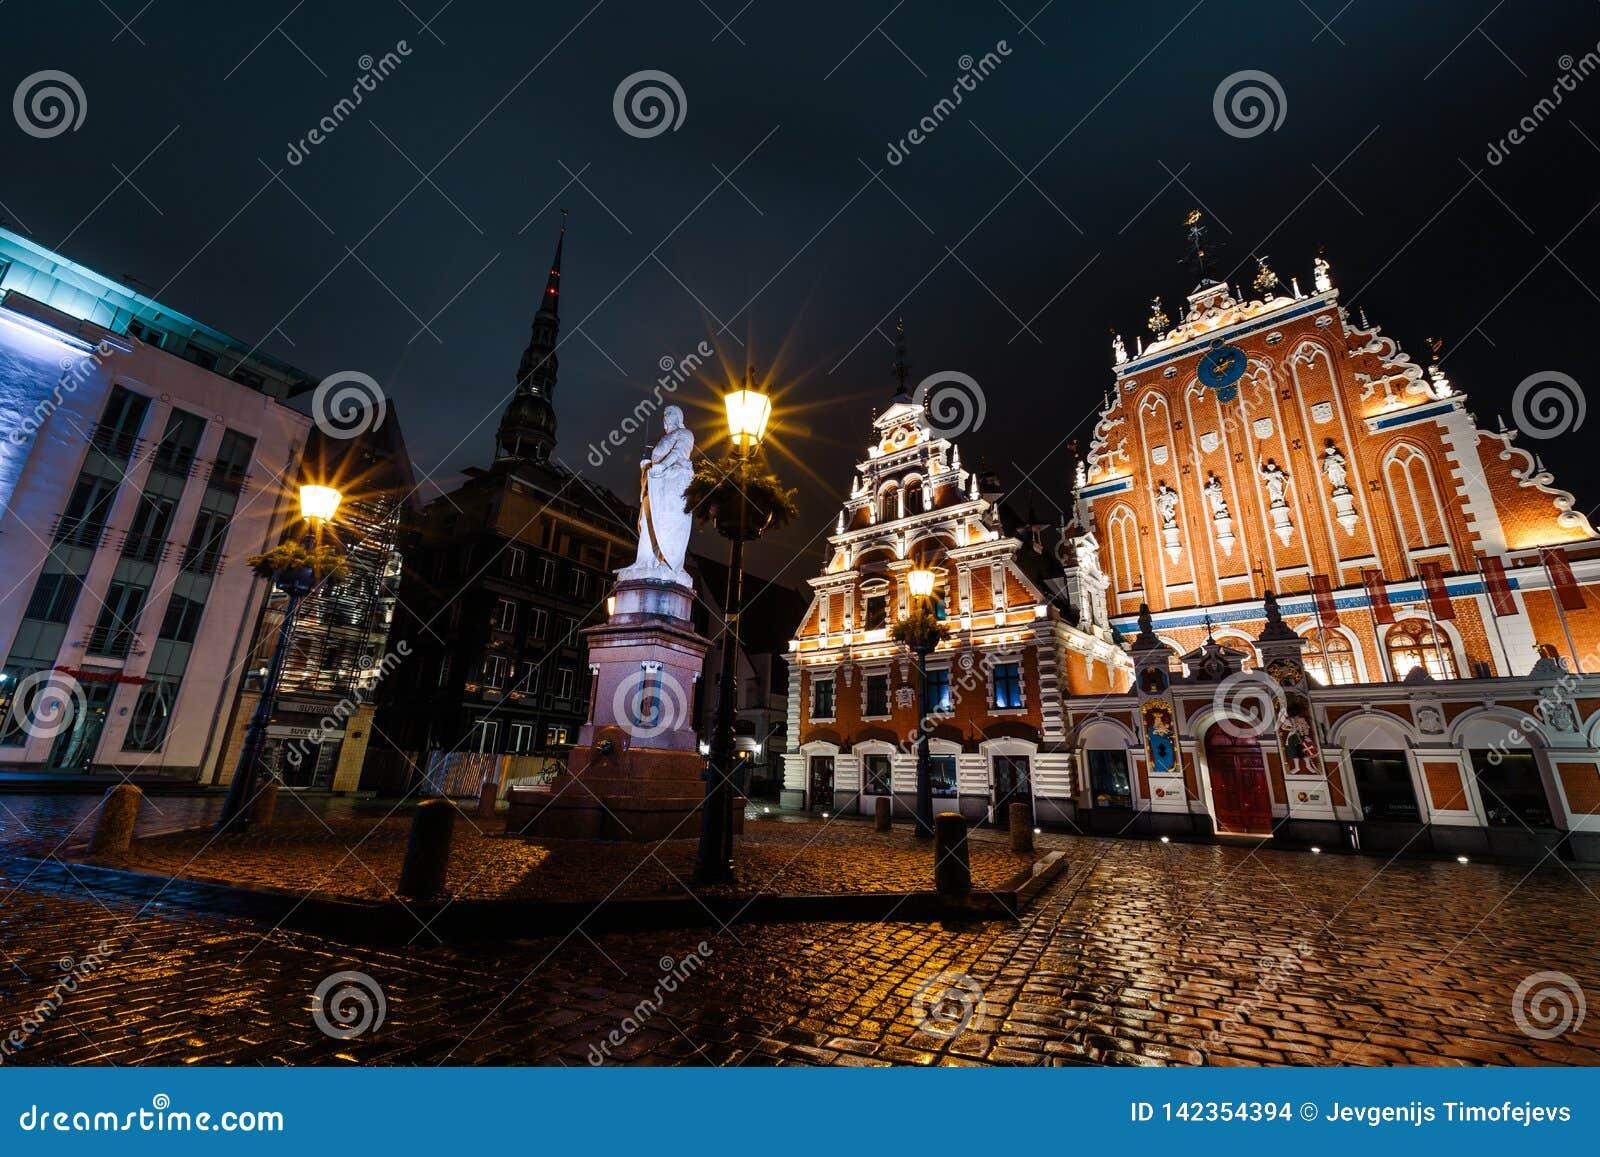 РИГА, ЛАТВИЯ - 17-ОЕ МАРТА 2019: Профессиональная съемка долгой выдержки дождливой ночью смотря на дом угорь, статую